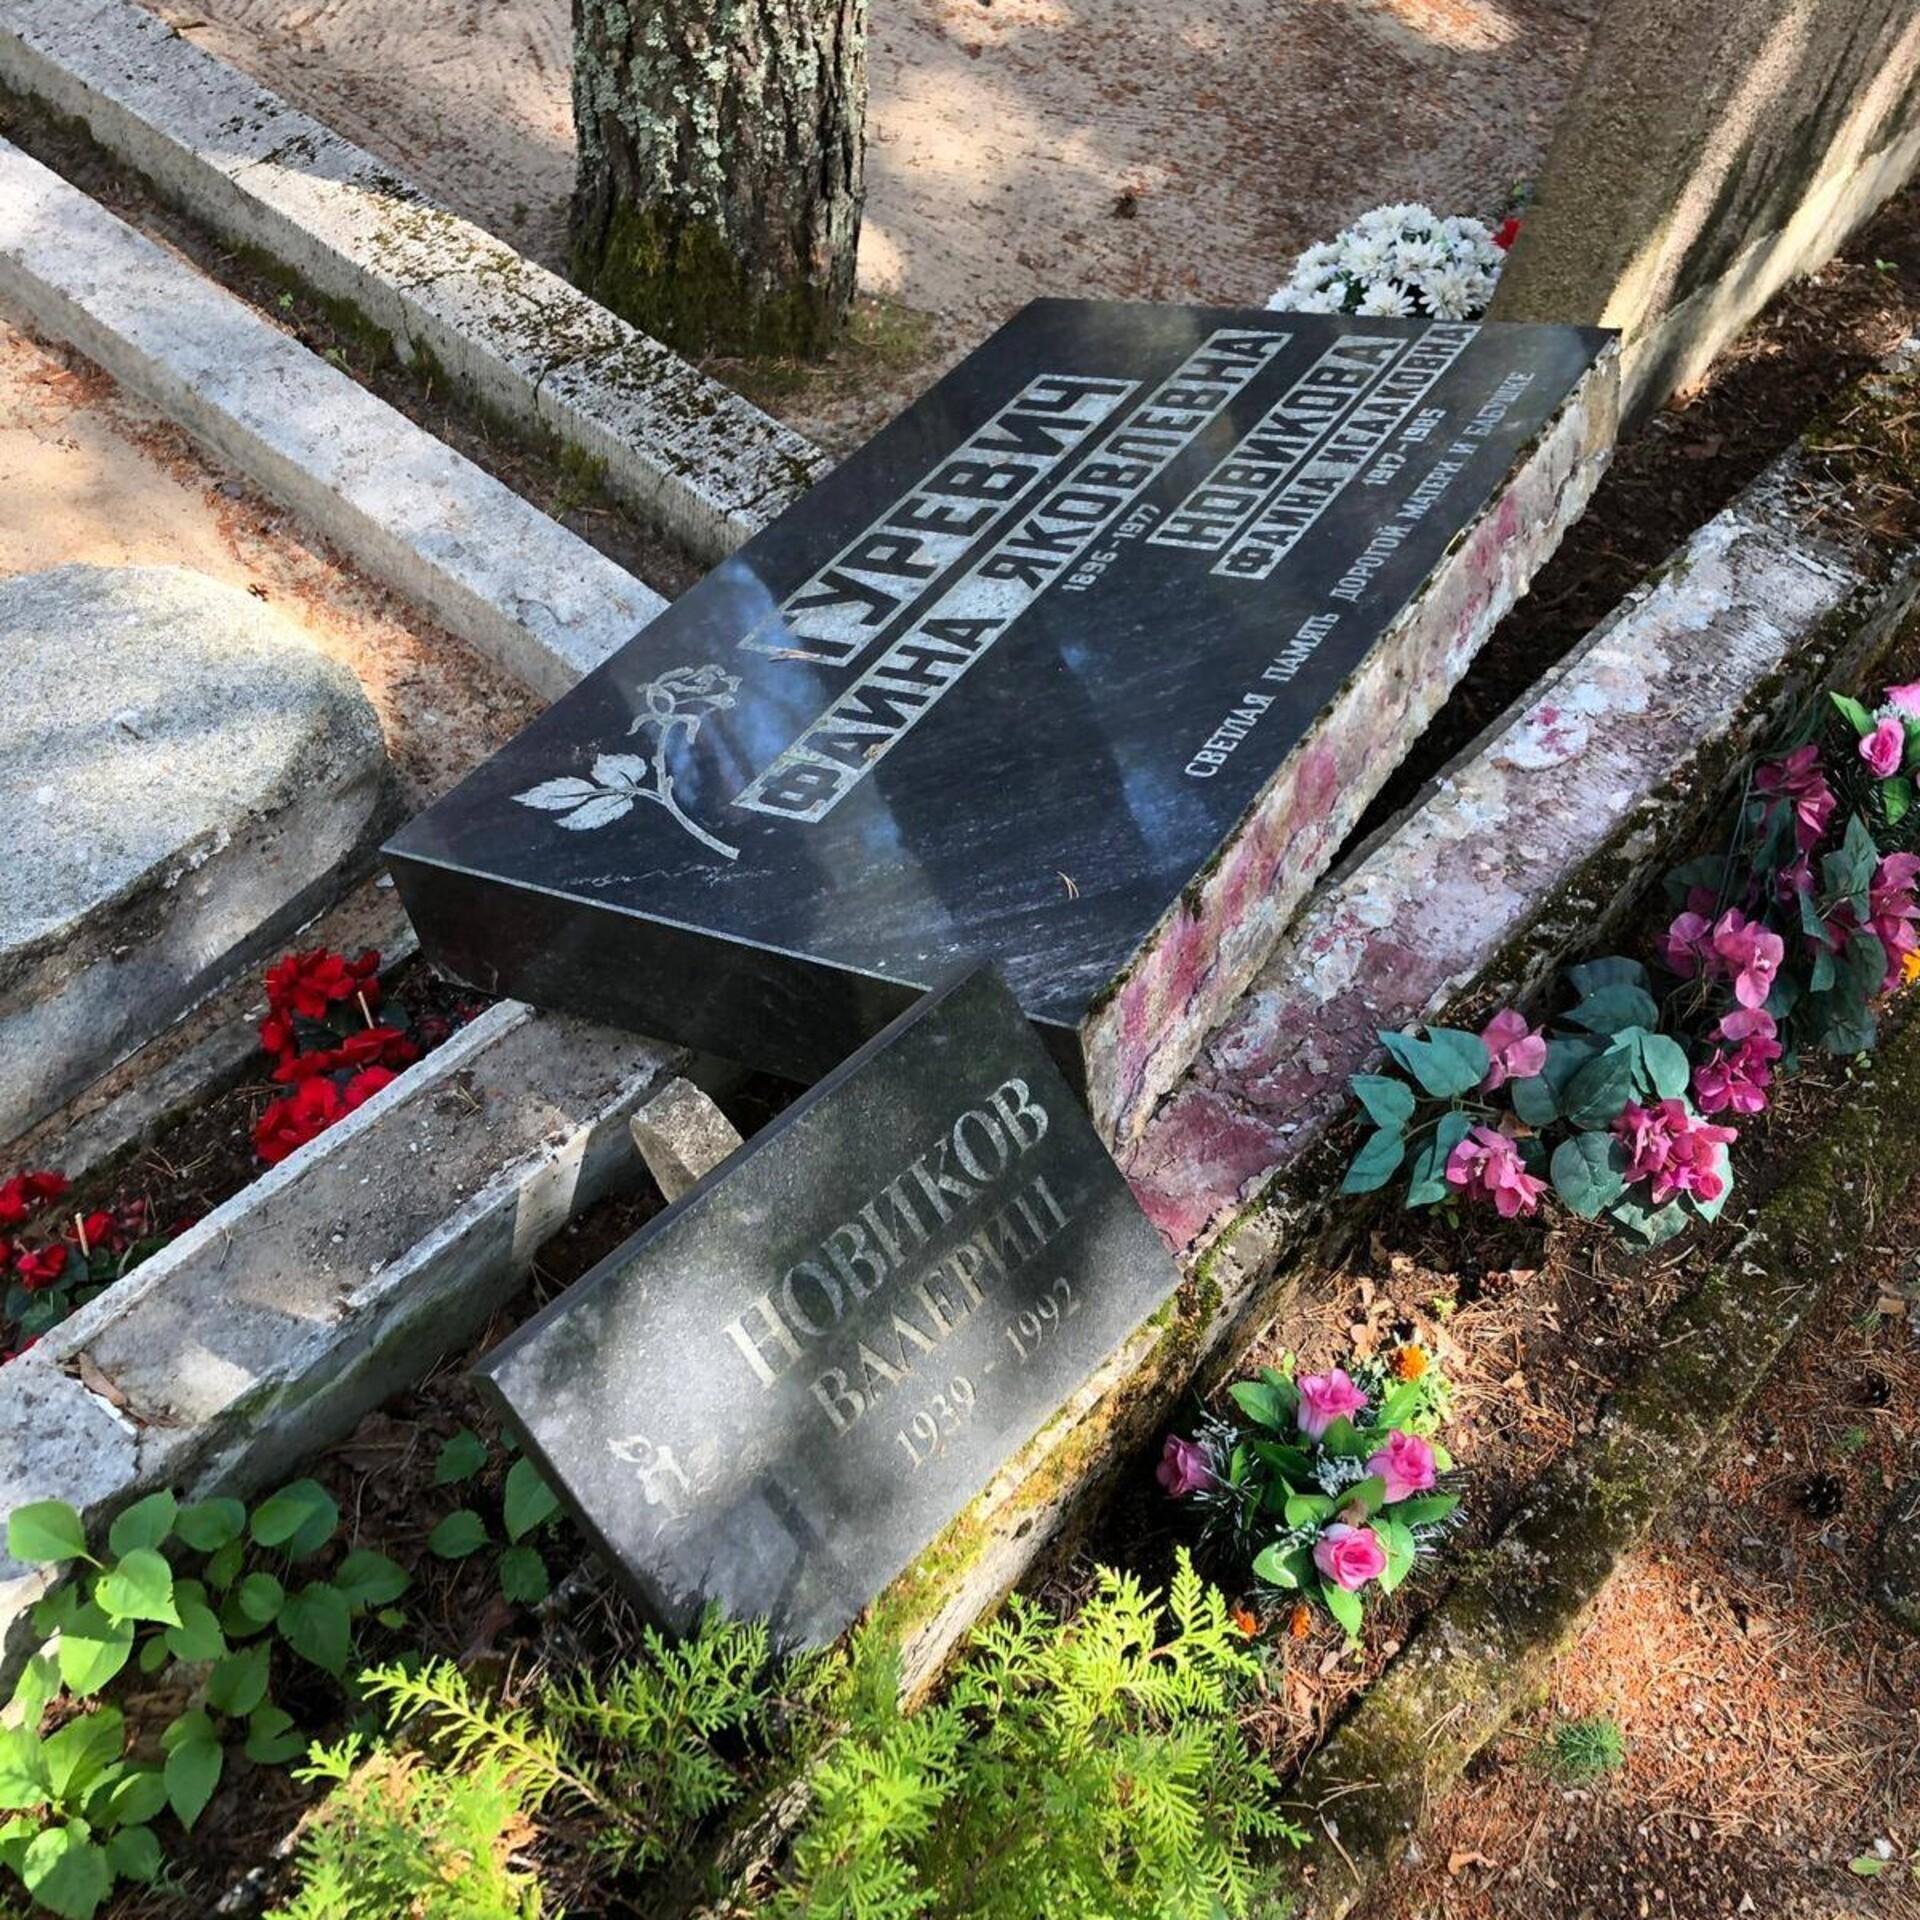 14161278f19 Vandaalid lõhkusid juudi kalmistul hauakive | Eesti | ERR